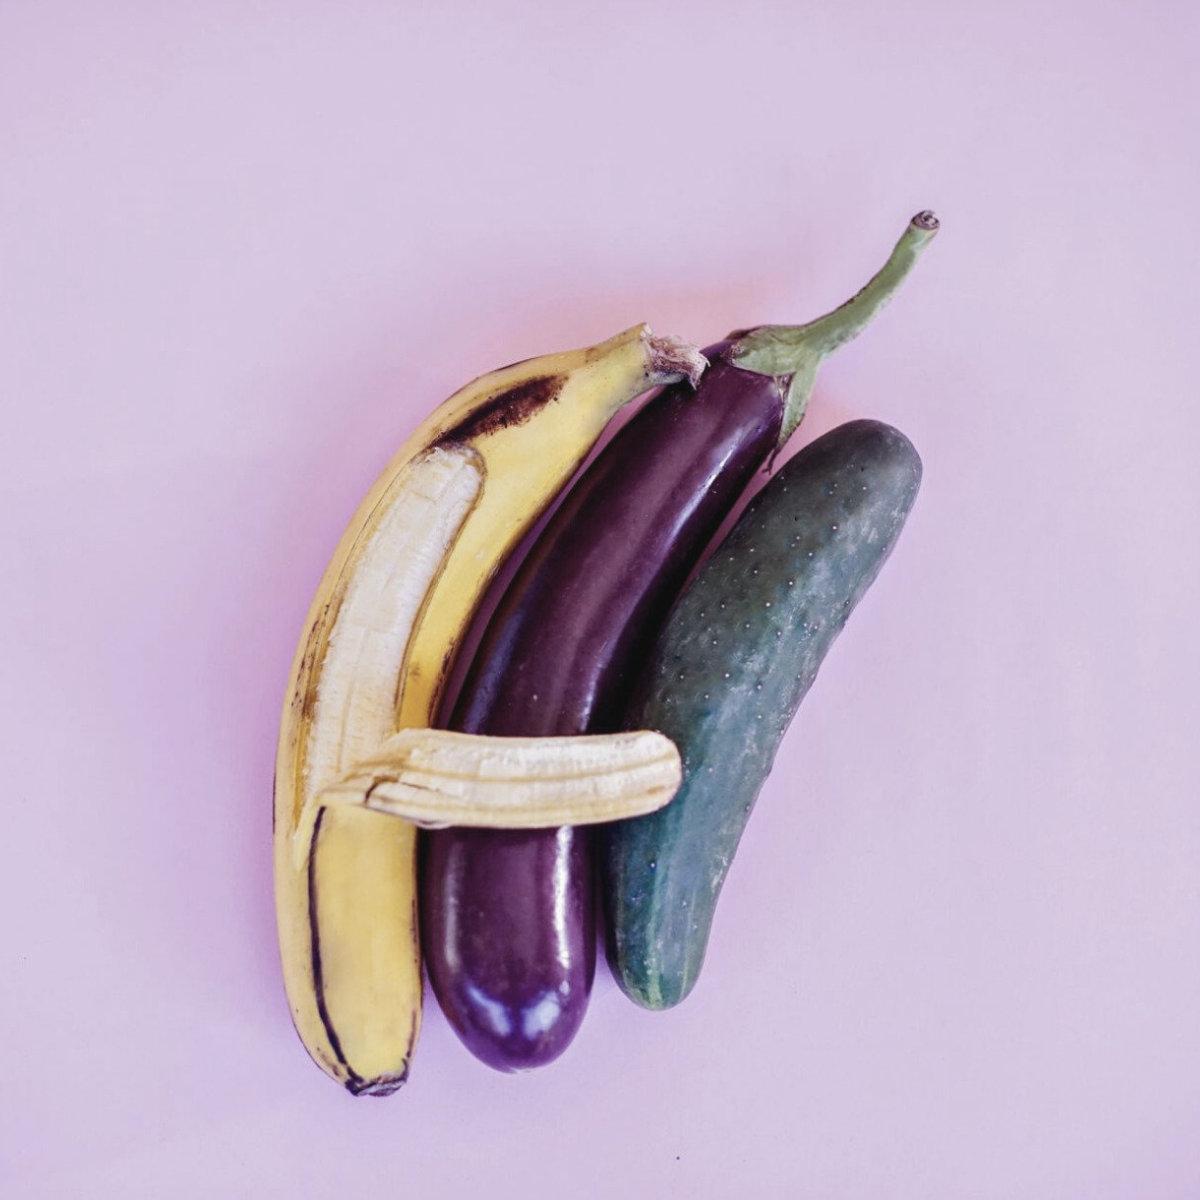 kodėl varpa maža ramybės būsenoje padidinkite nario masturbacijos dydi